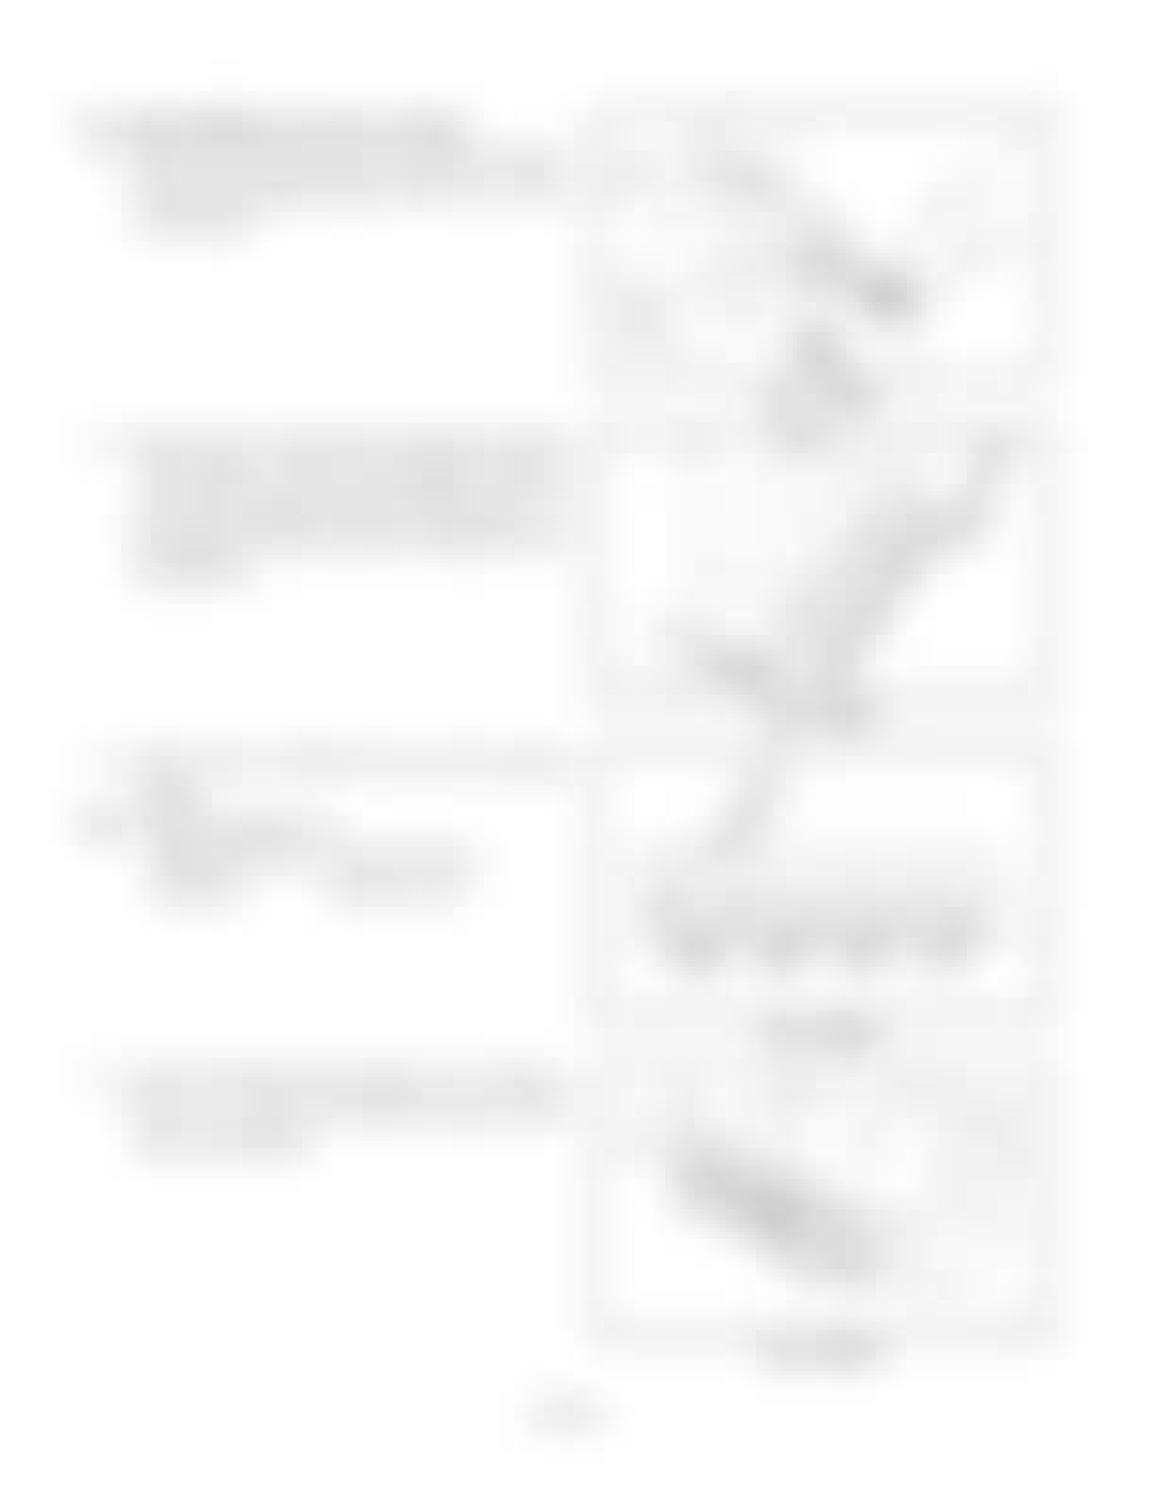 Hitachi LX110-7 LX130-7 LX160-7 LX190-7 LX230-7 Wheel Loader Workshop Manual - PDF DOWNLOAD page 118